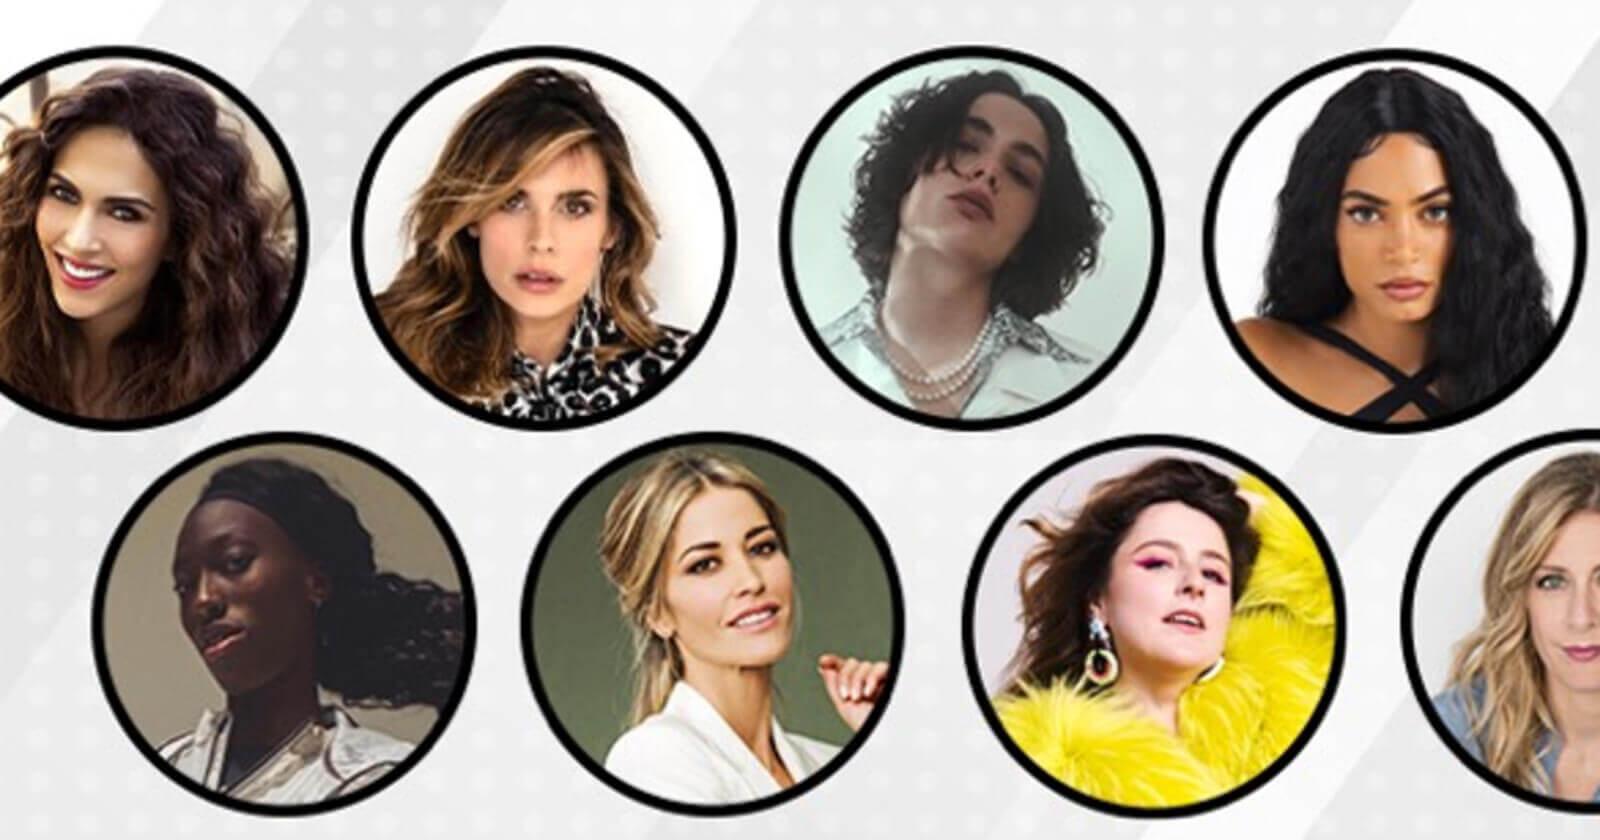 Le Iene 2021: Chi sono le 10 conduttrici donne e quando vanno in onda